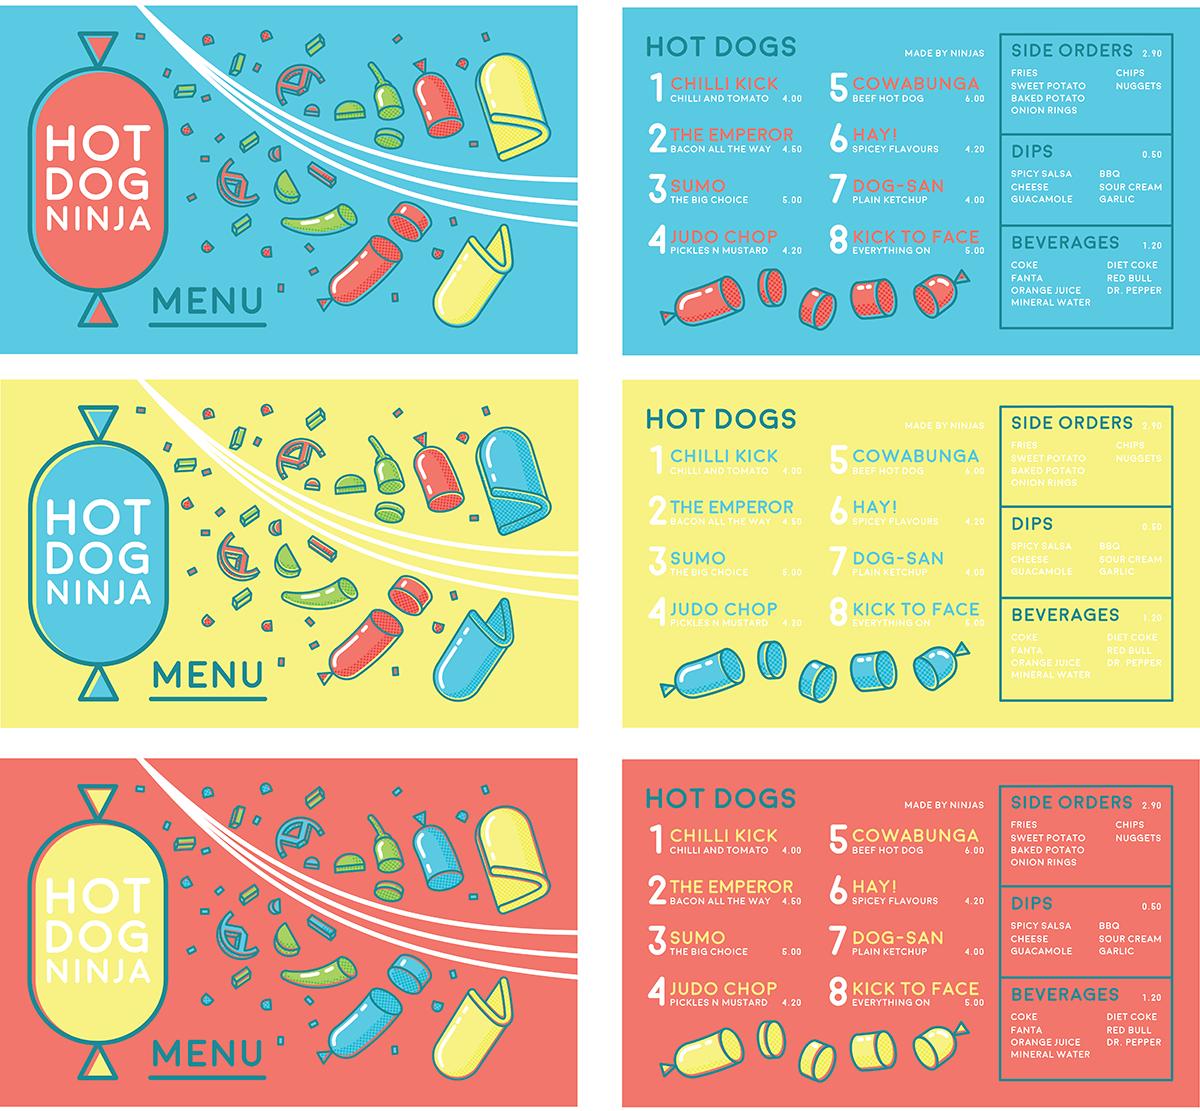 Hot Dog Ninja Food Truck